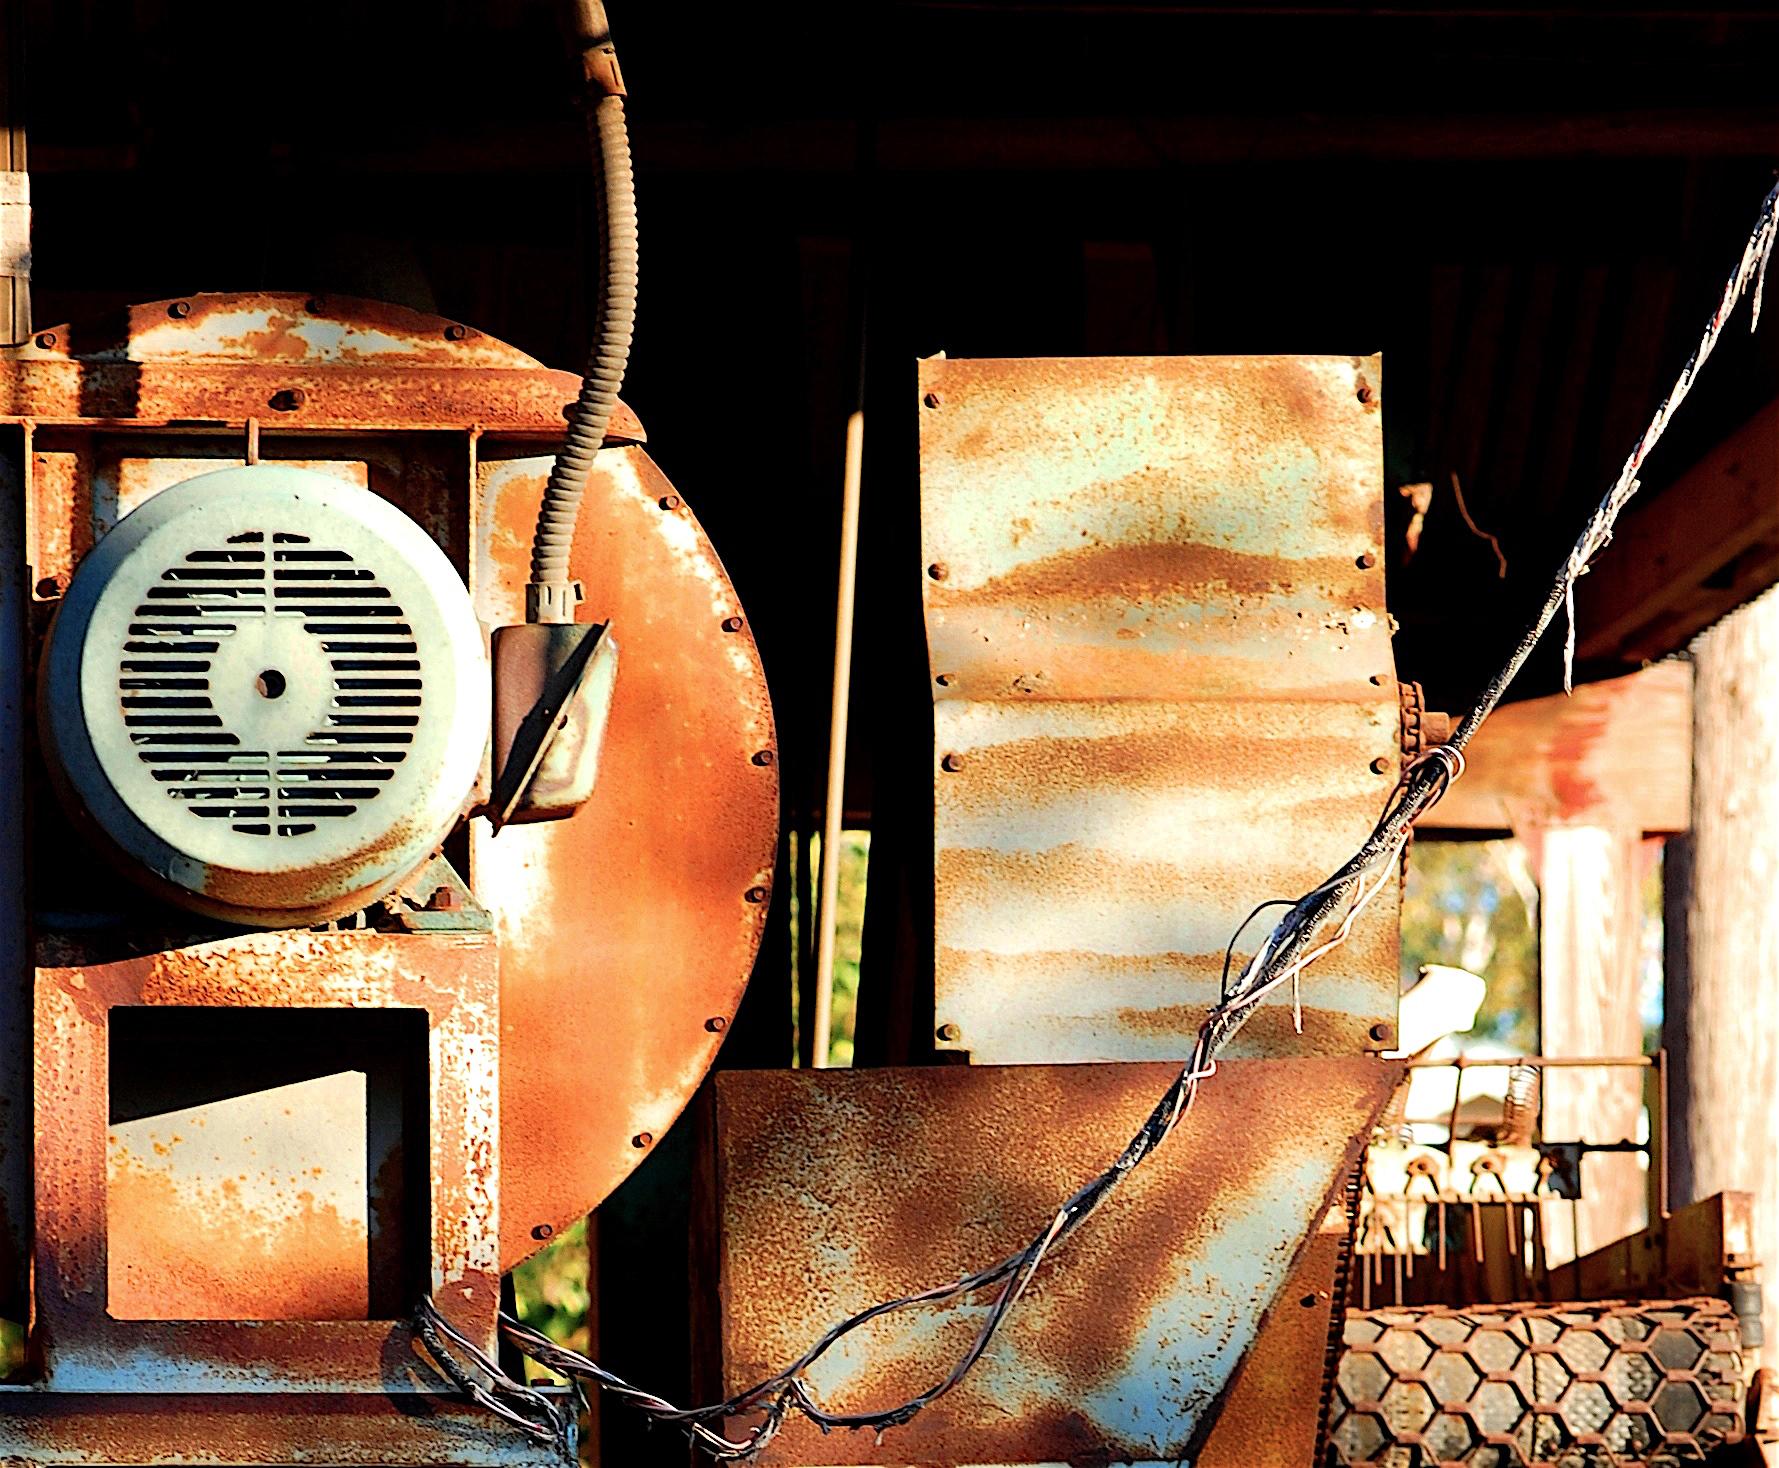 machinery3 - Copy-1.jpg